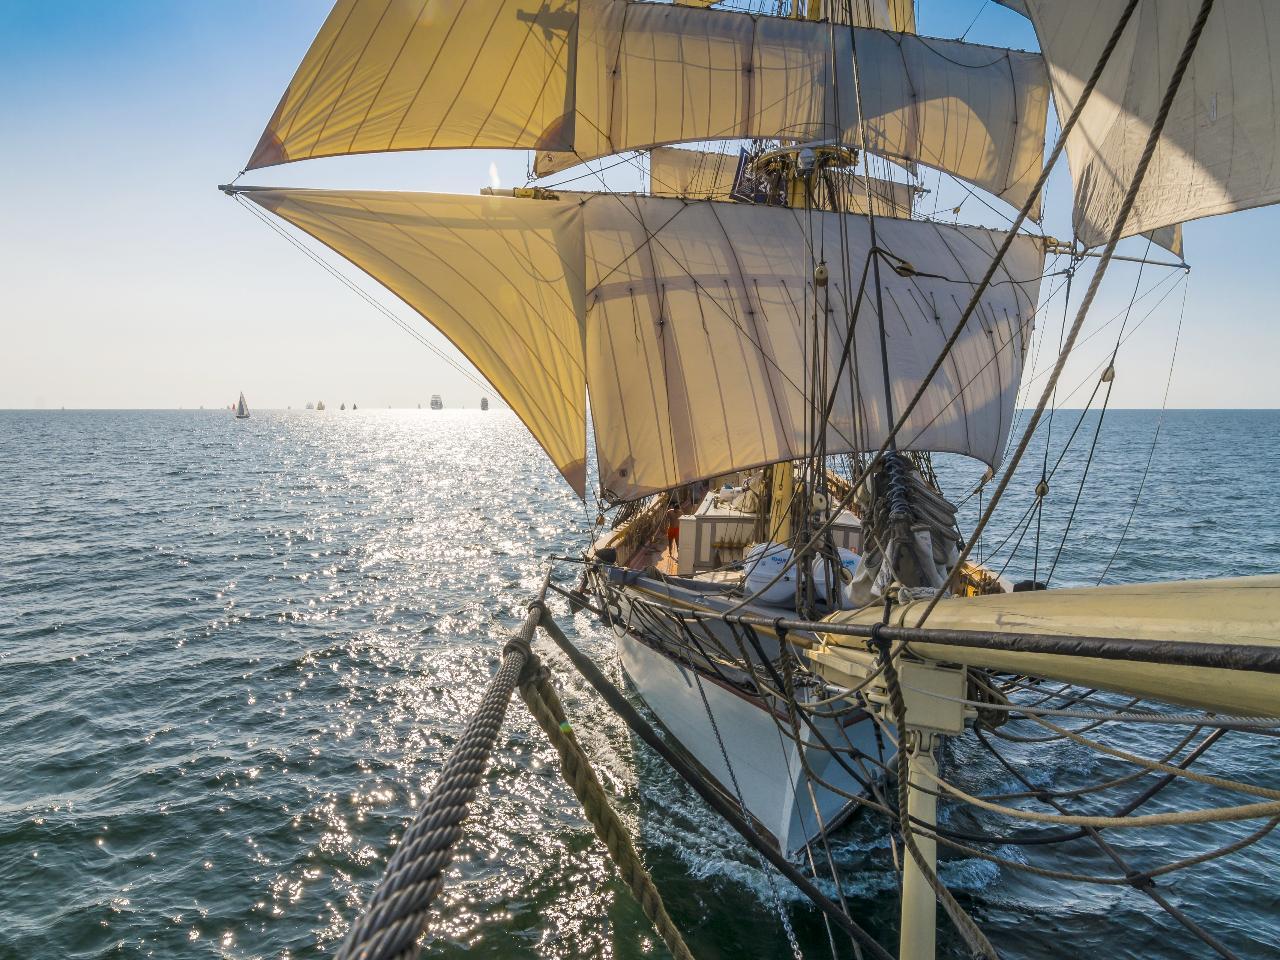 Lär dig segla råtacklat. Nybörjarkurs i konsten att segla en brigg. 17 oktober kl 10-16